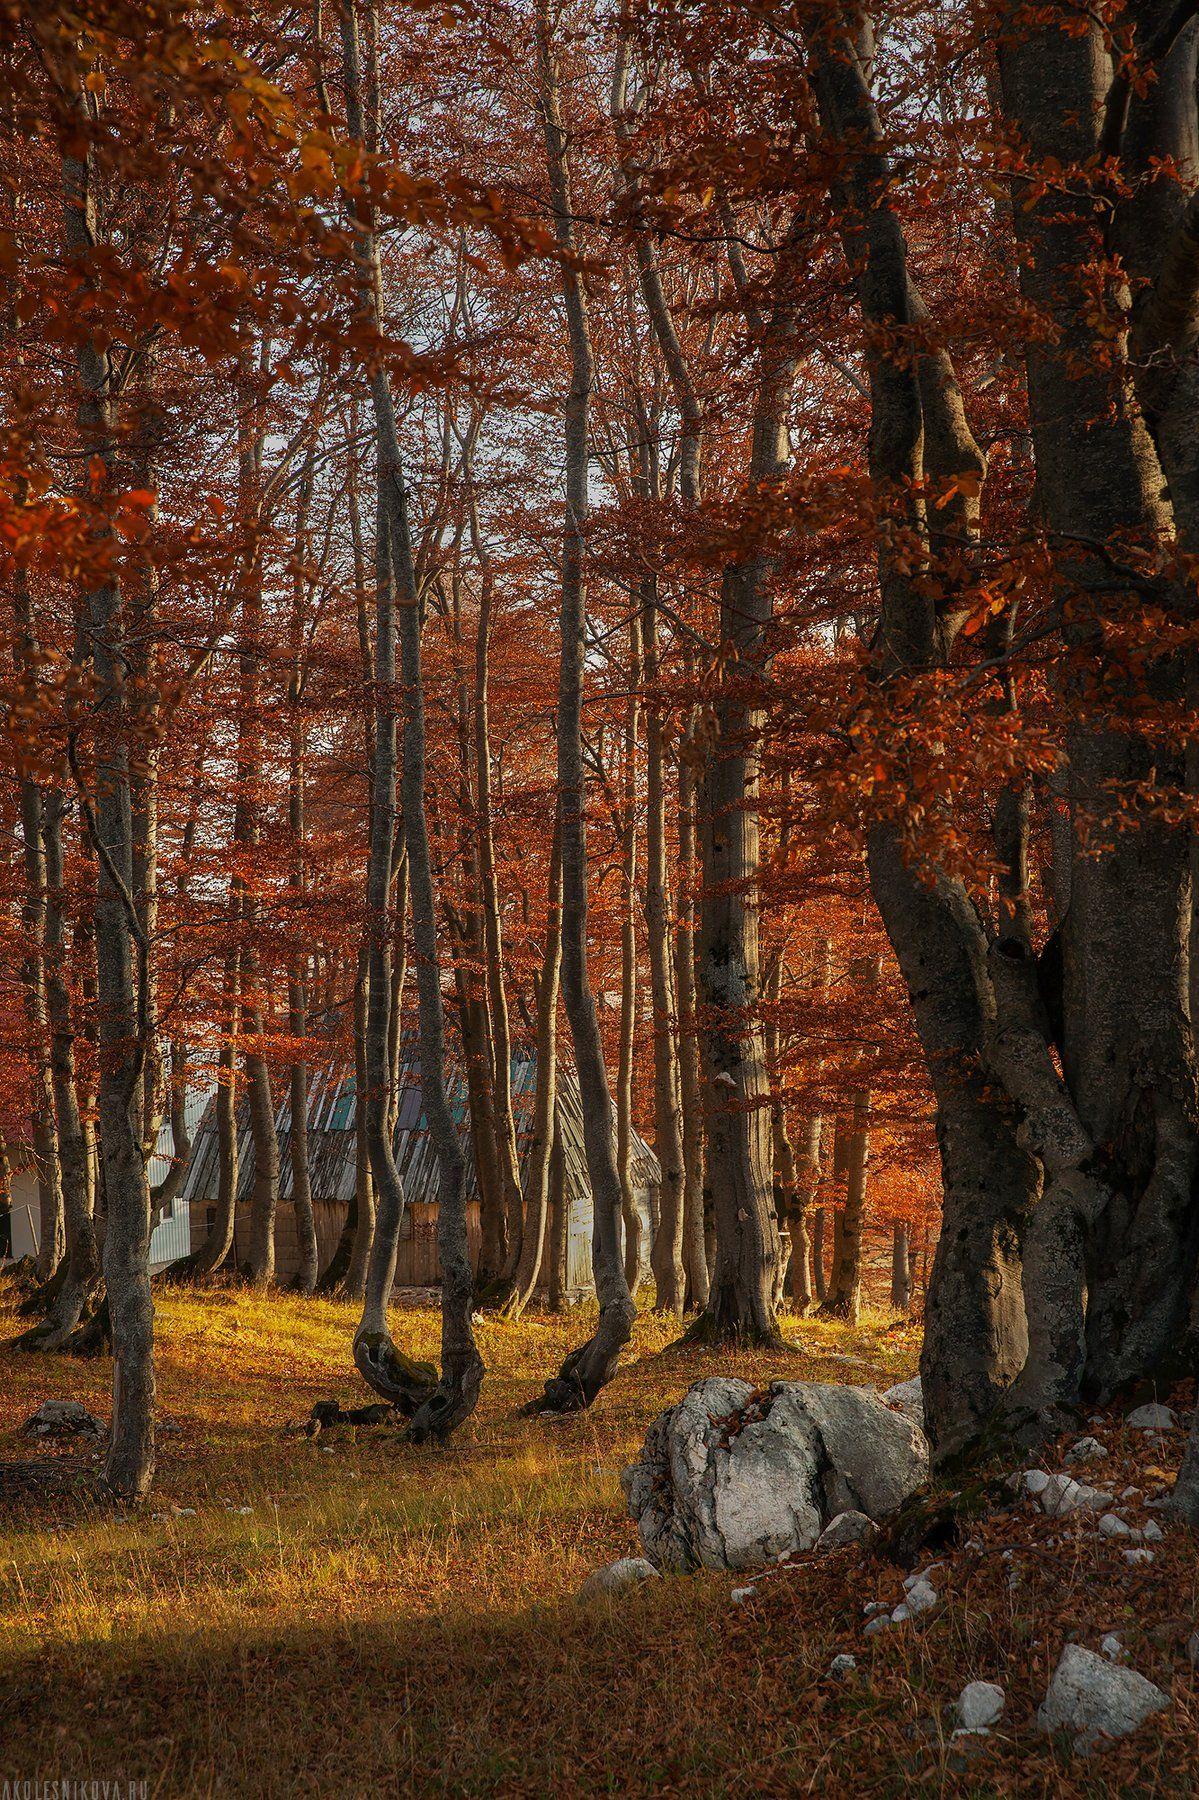 пейзаж, черногория, путешествие, лес, природа, осень, утро, рассвет, Анастасия Колесникова